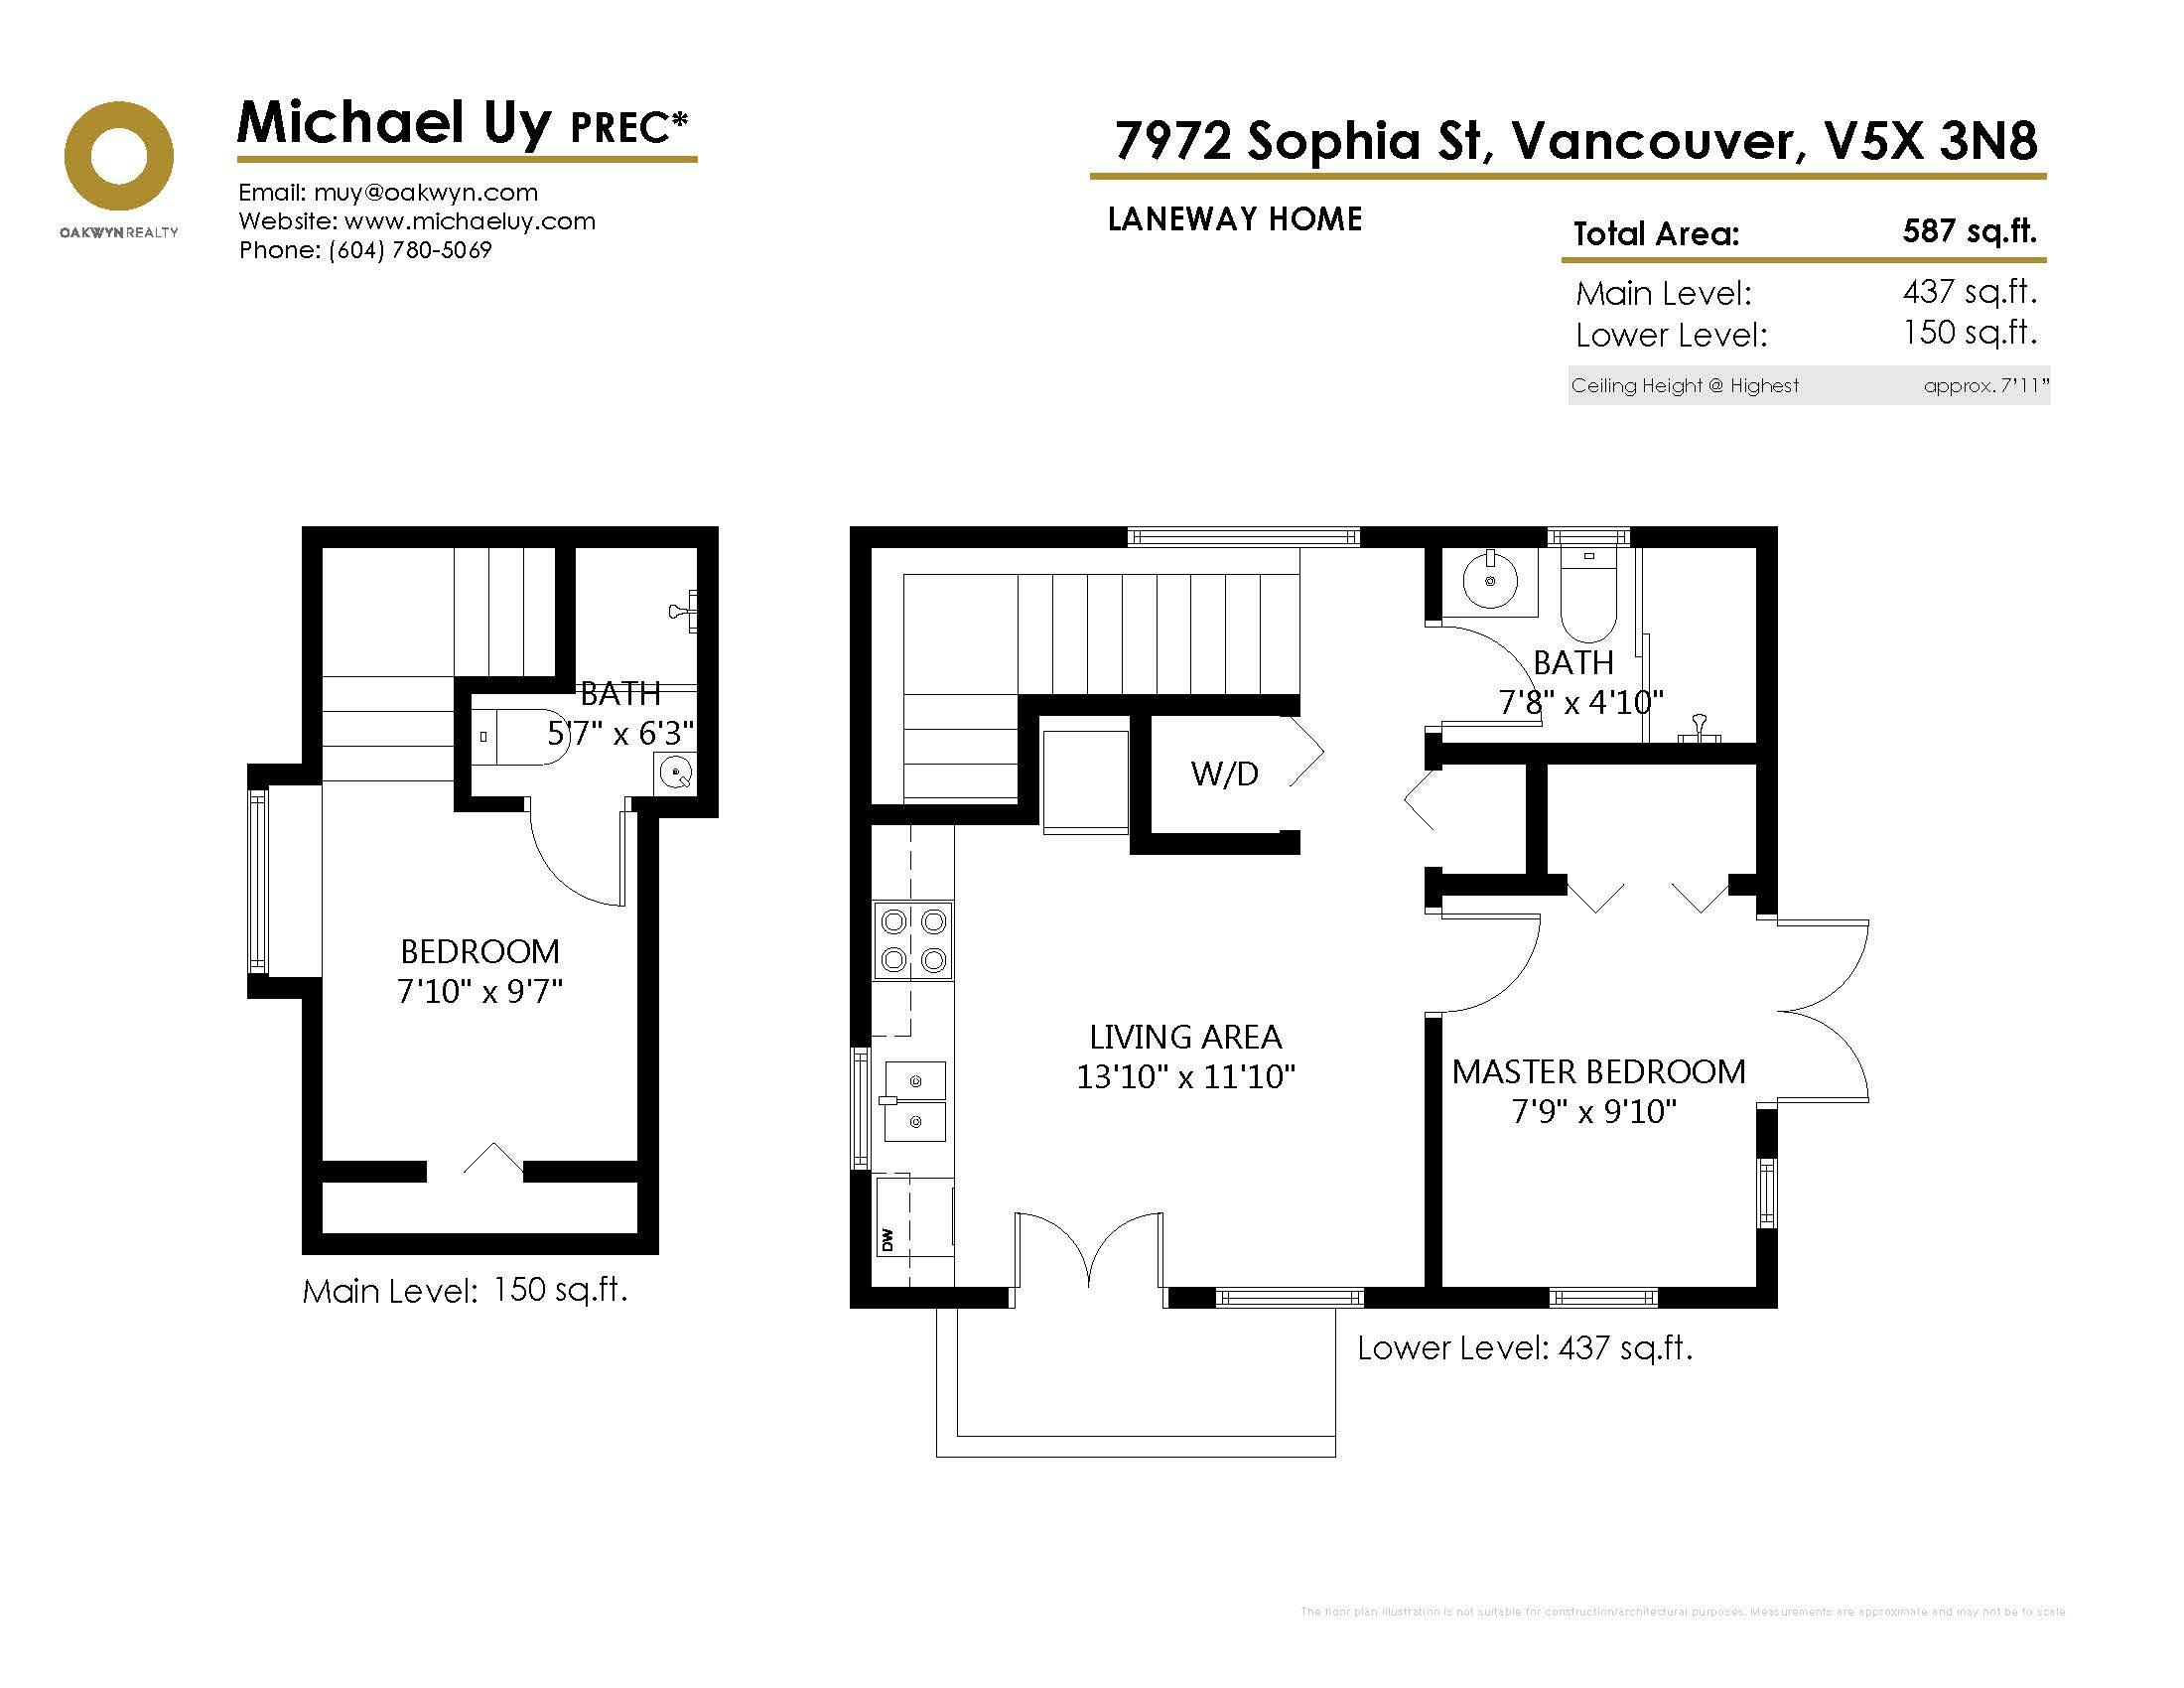 Laneway Home - 7972 Sophia St - Branded Floor Plan.jpg